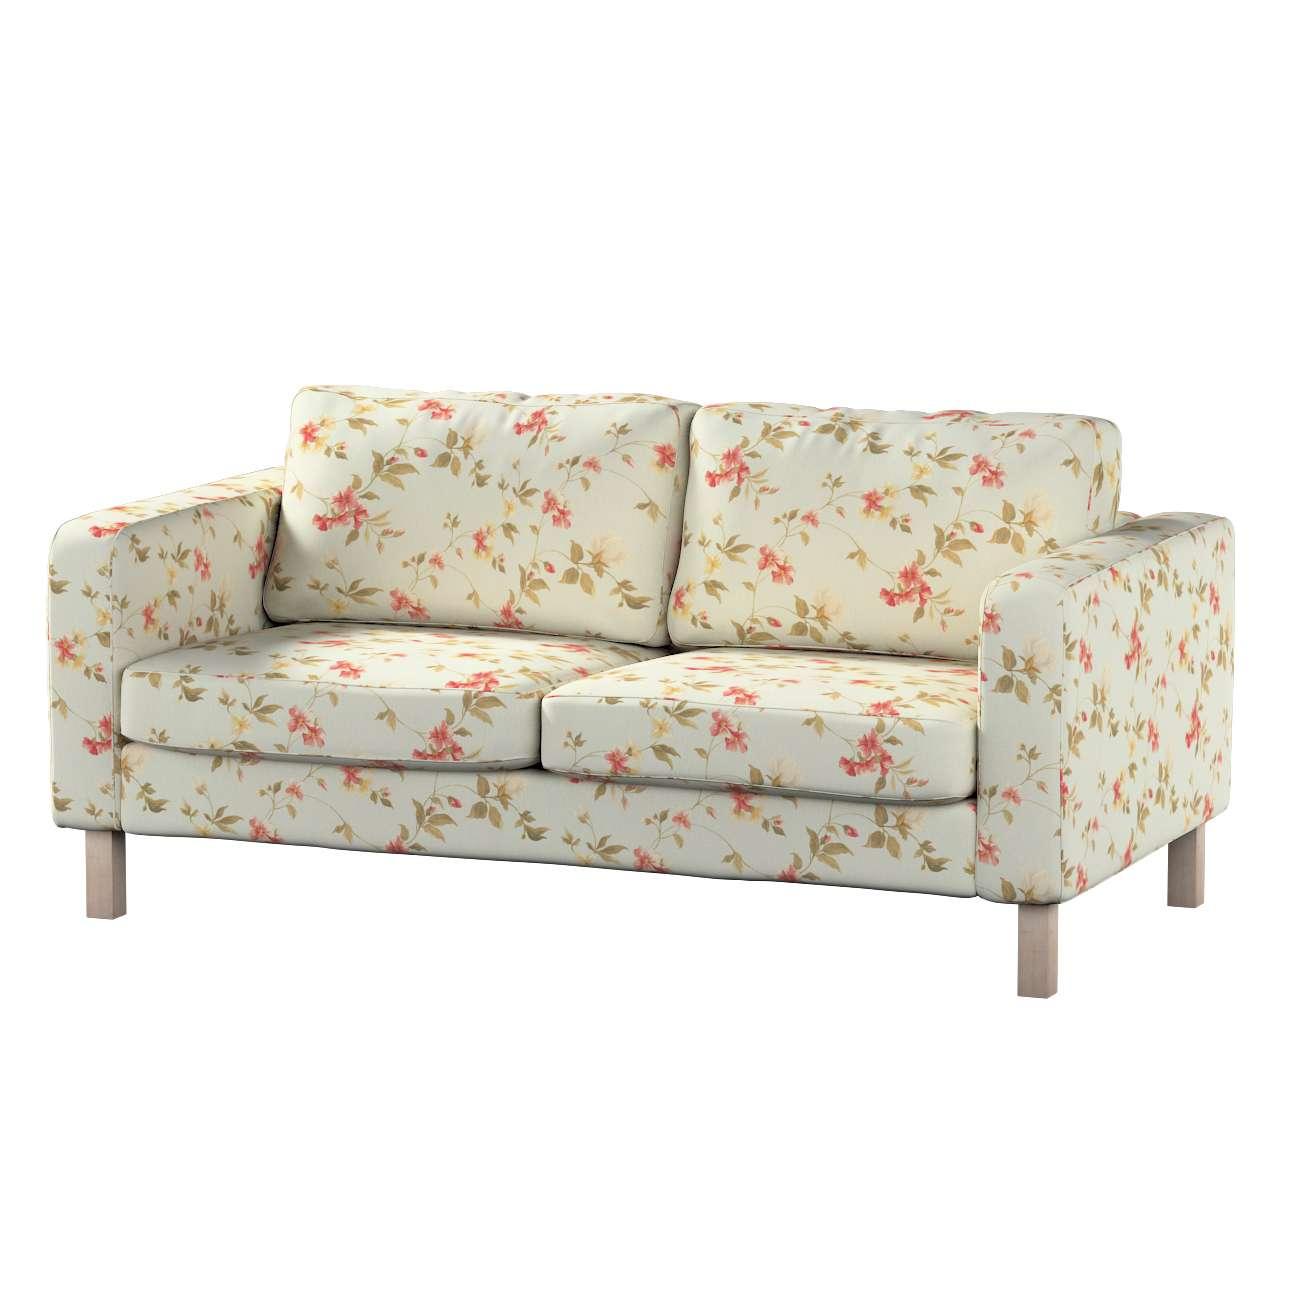 Karlstad 2-Sitzer Sofabezug nicht ausklappbar Sofahusse, Karlstad 2-Sitzer von der Kollektion Londres, Stoff: 124-65